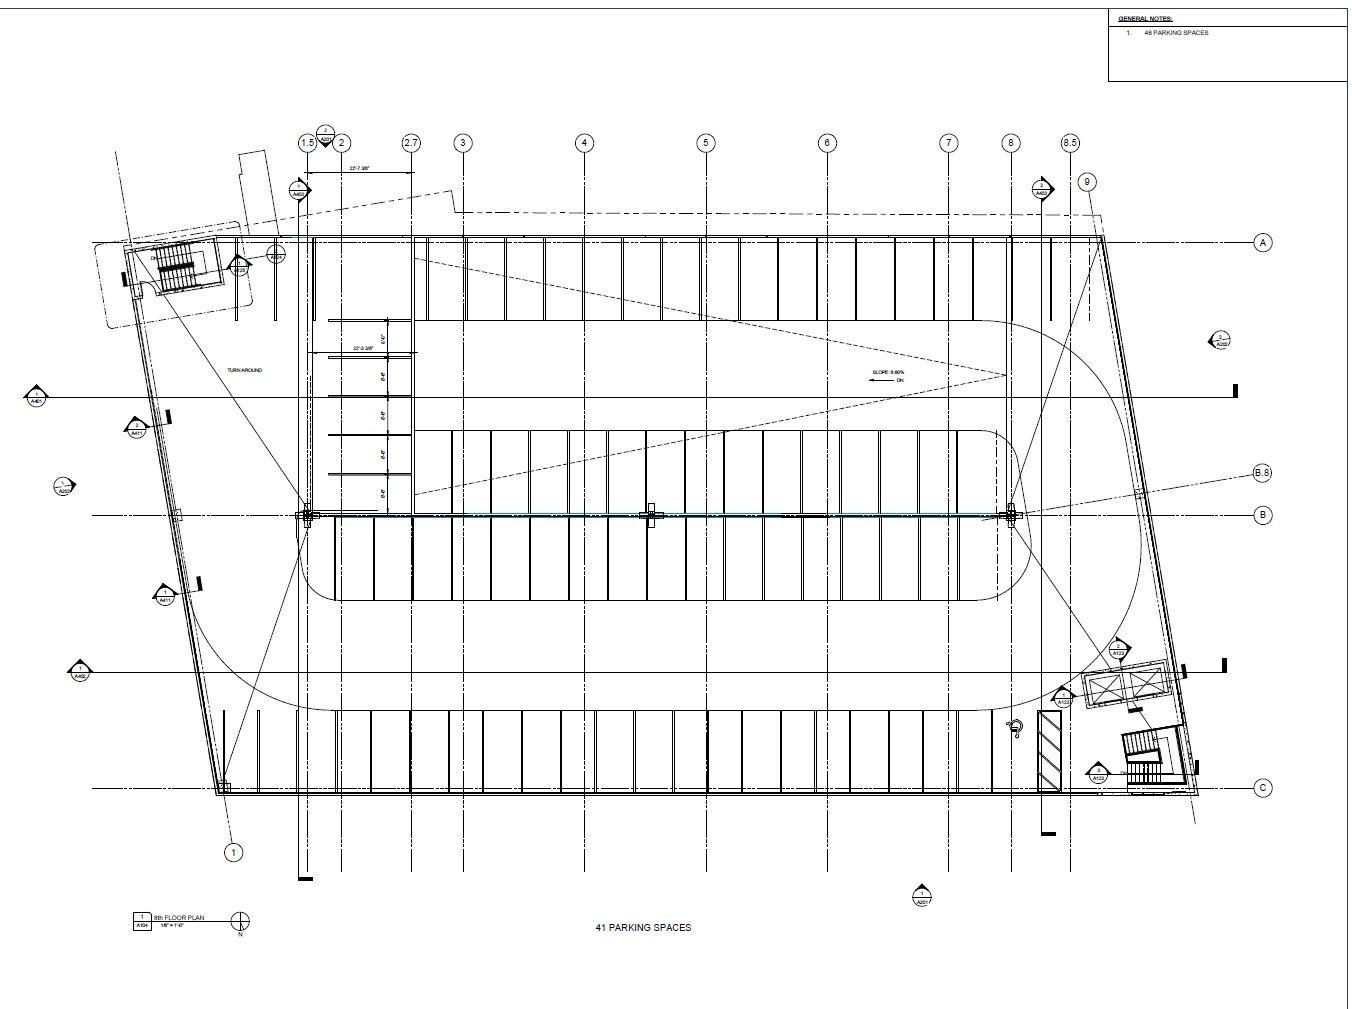 Plans for New Parking Garage at - 205.6KB